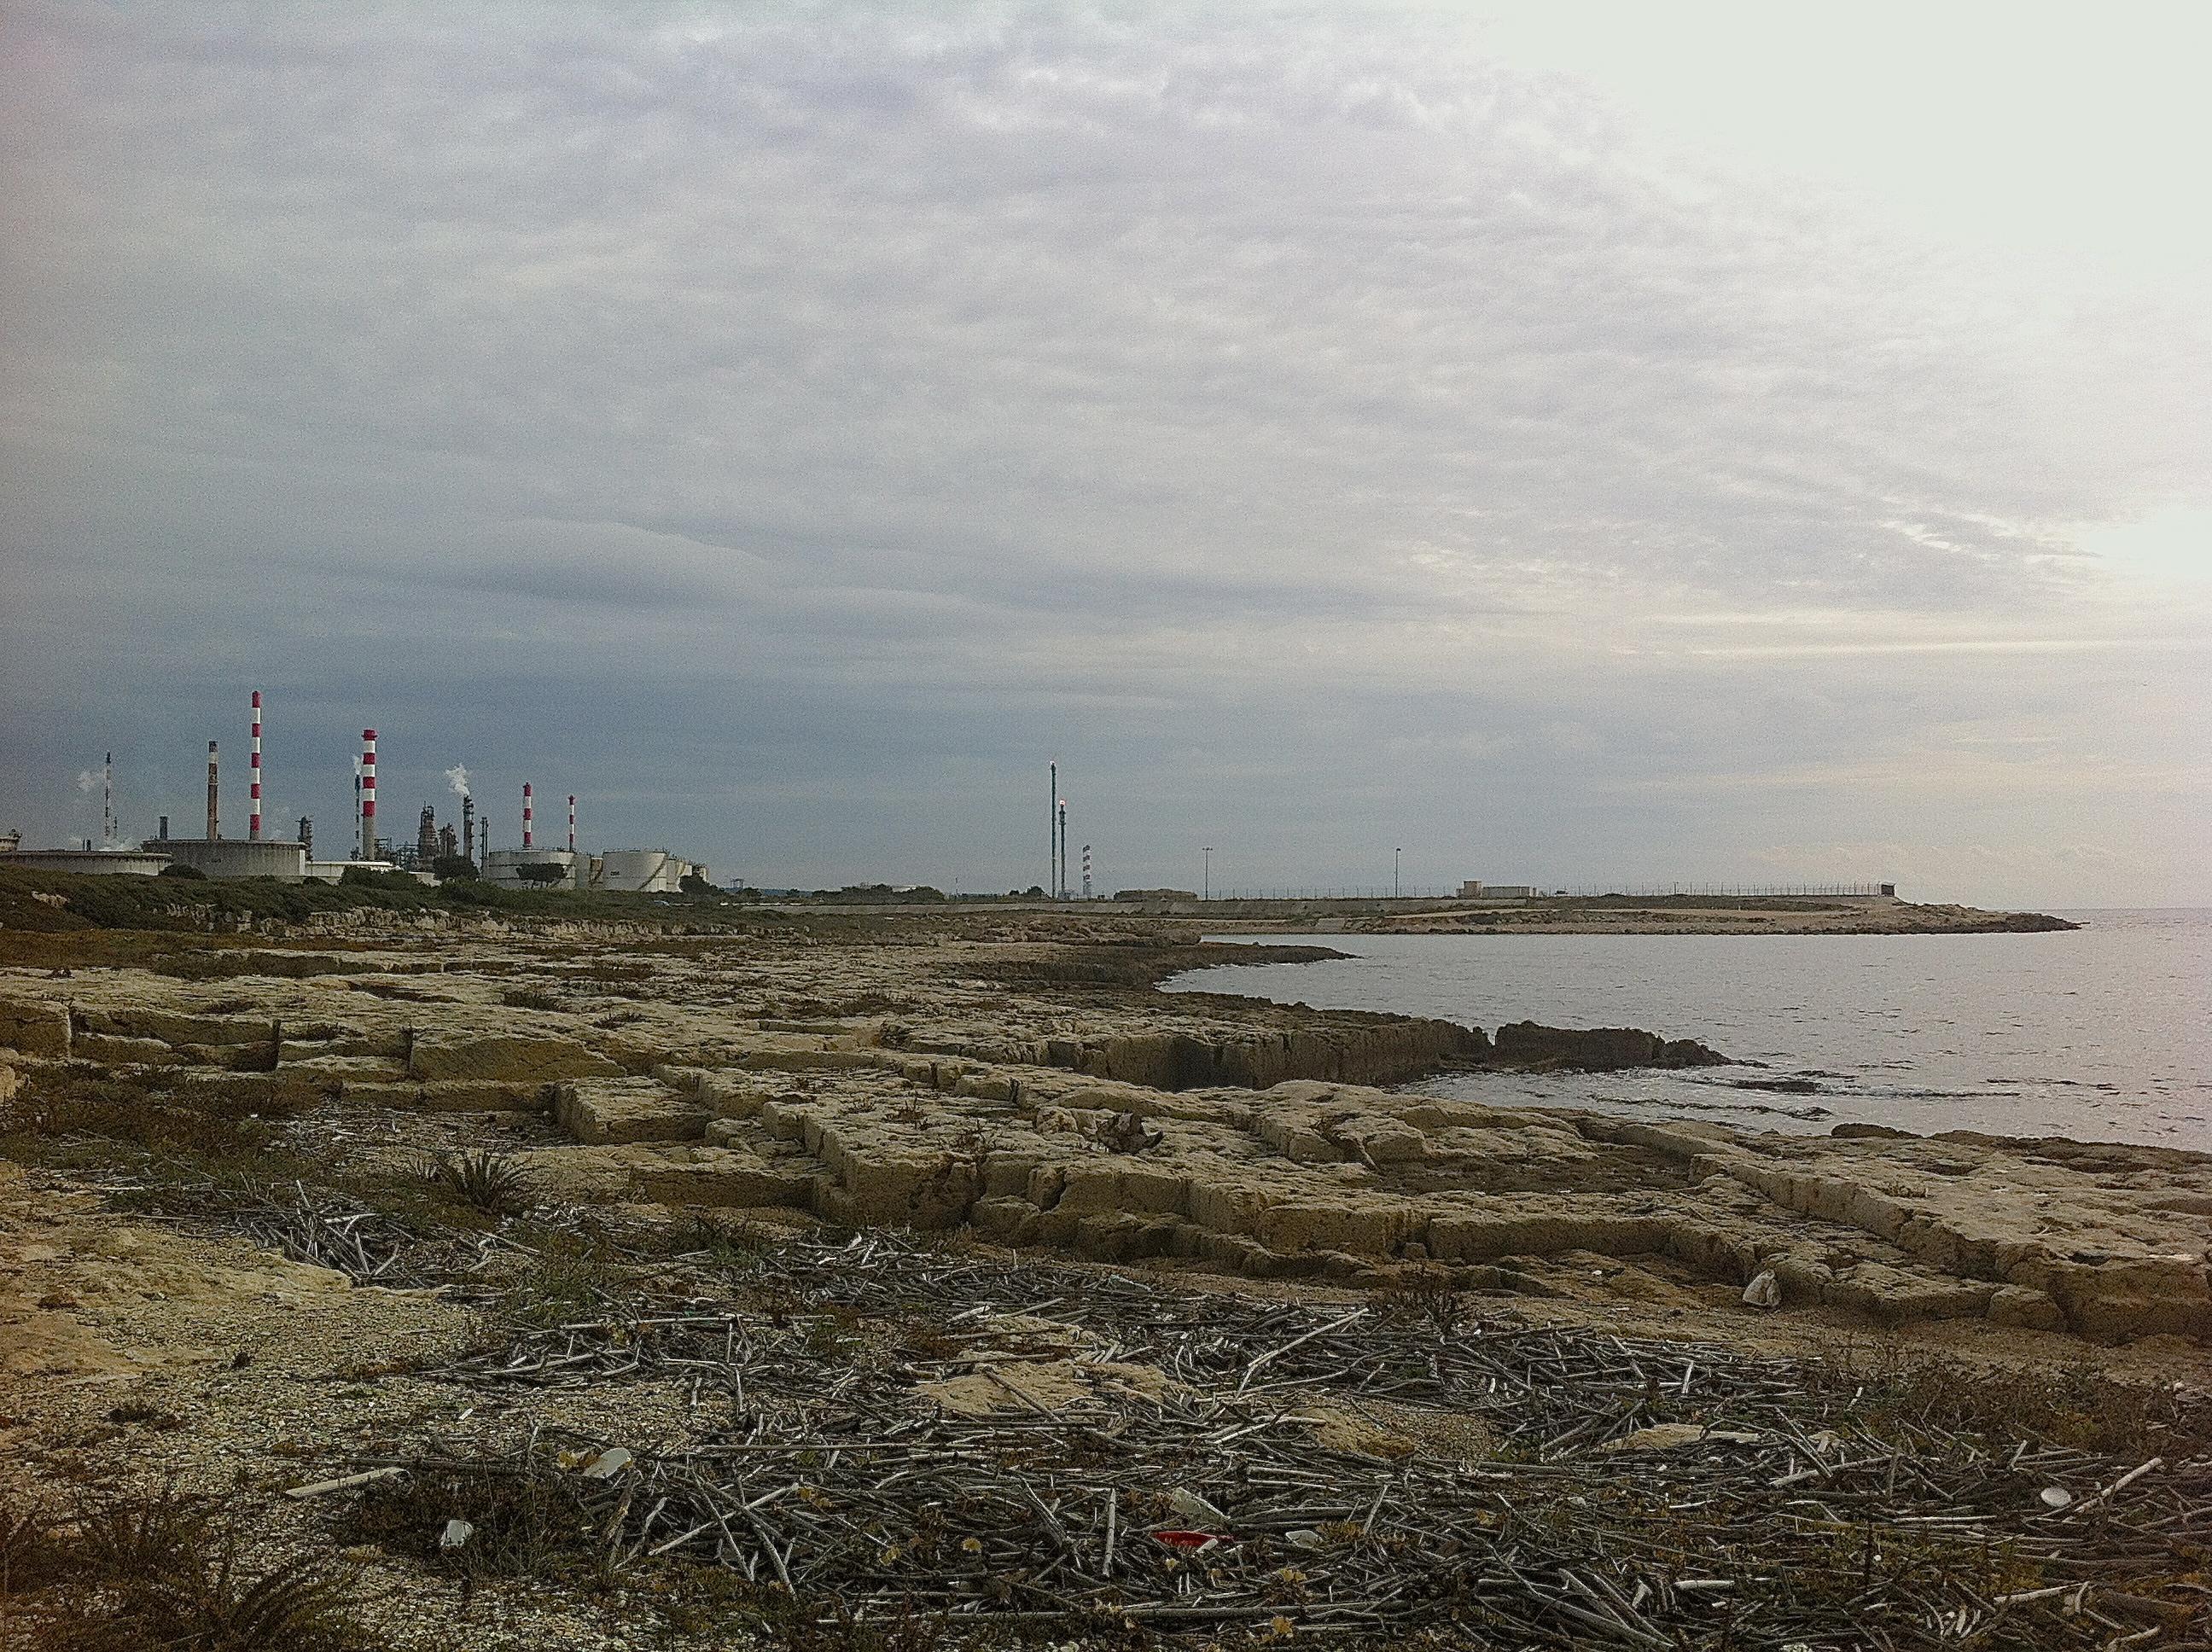 Socle de roche dans lequel les vents se taillent des trônes et les marées échouent des tapis où se dessinent les combats des roseaux contre le plastique.